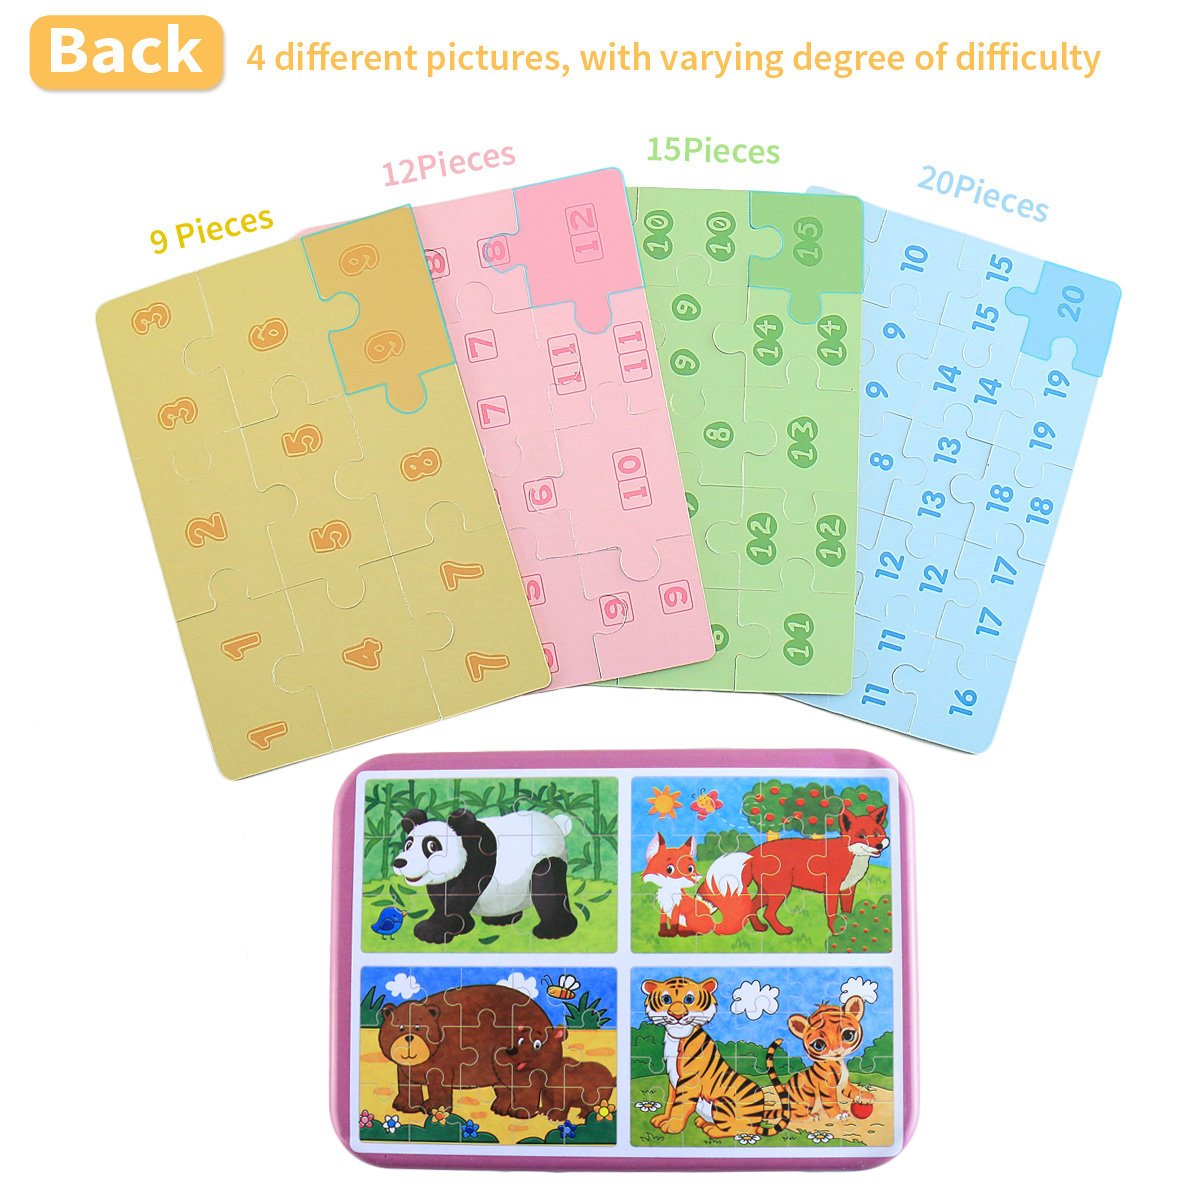 4 Pezzi Giochi Legno Bambini con Confezione in Scatola di Ferro BBLIKE Puzzle Legno F Animali Foresta